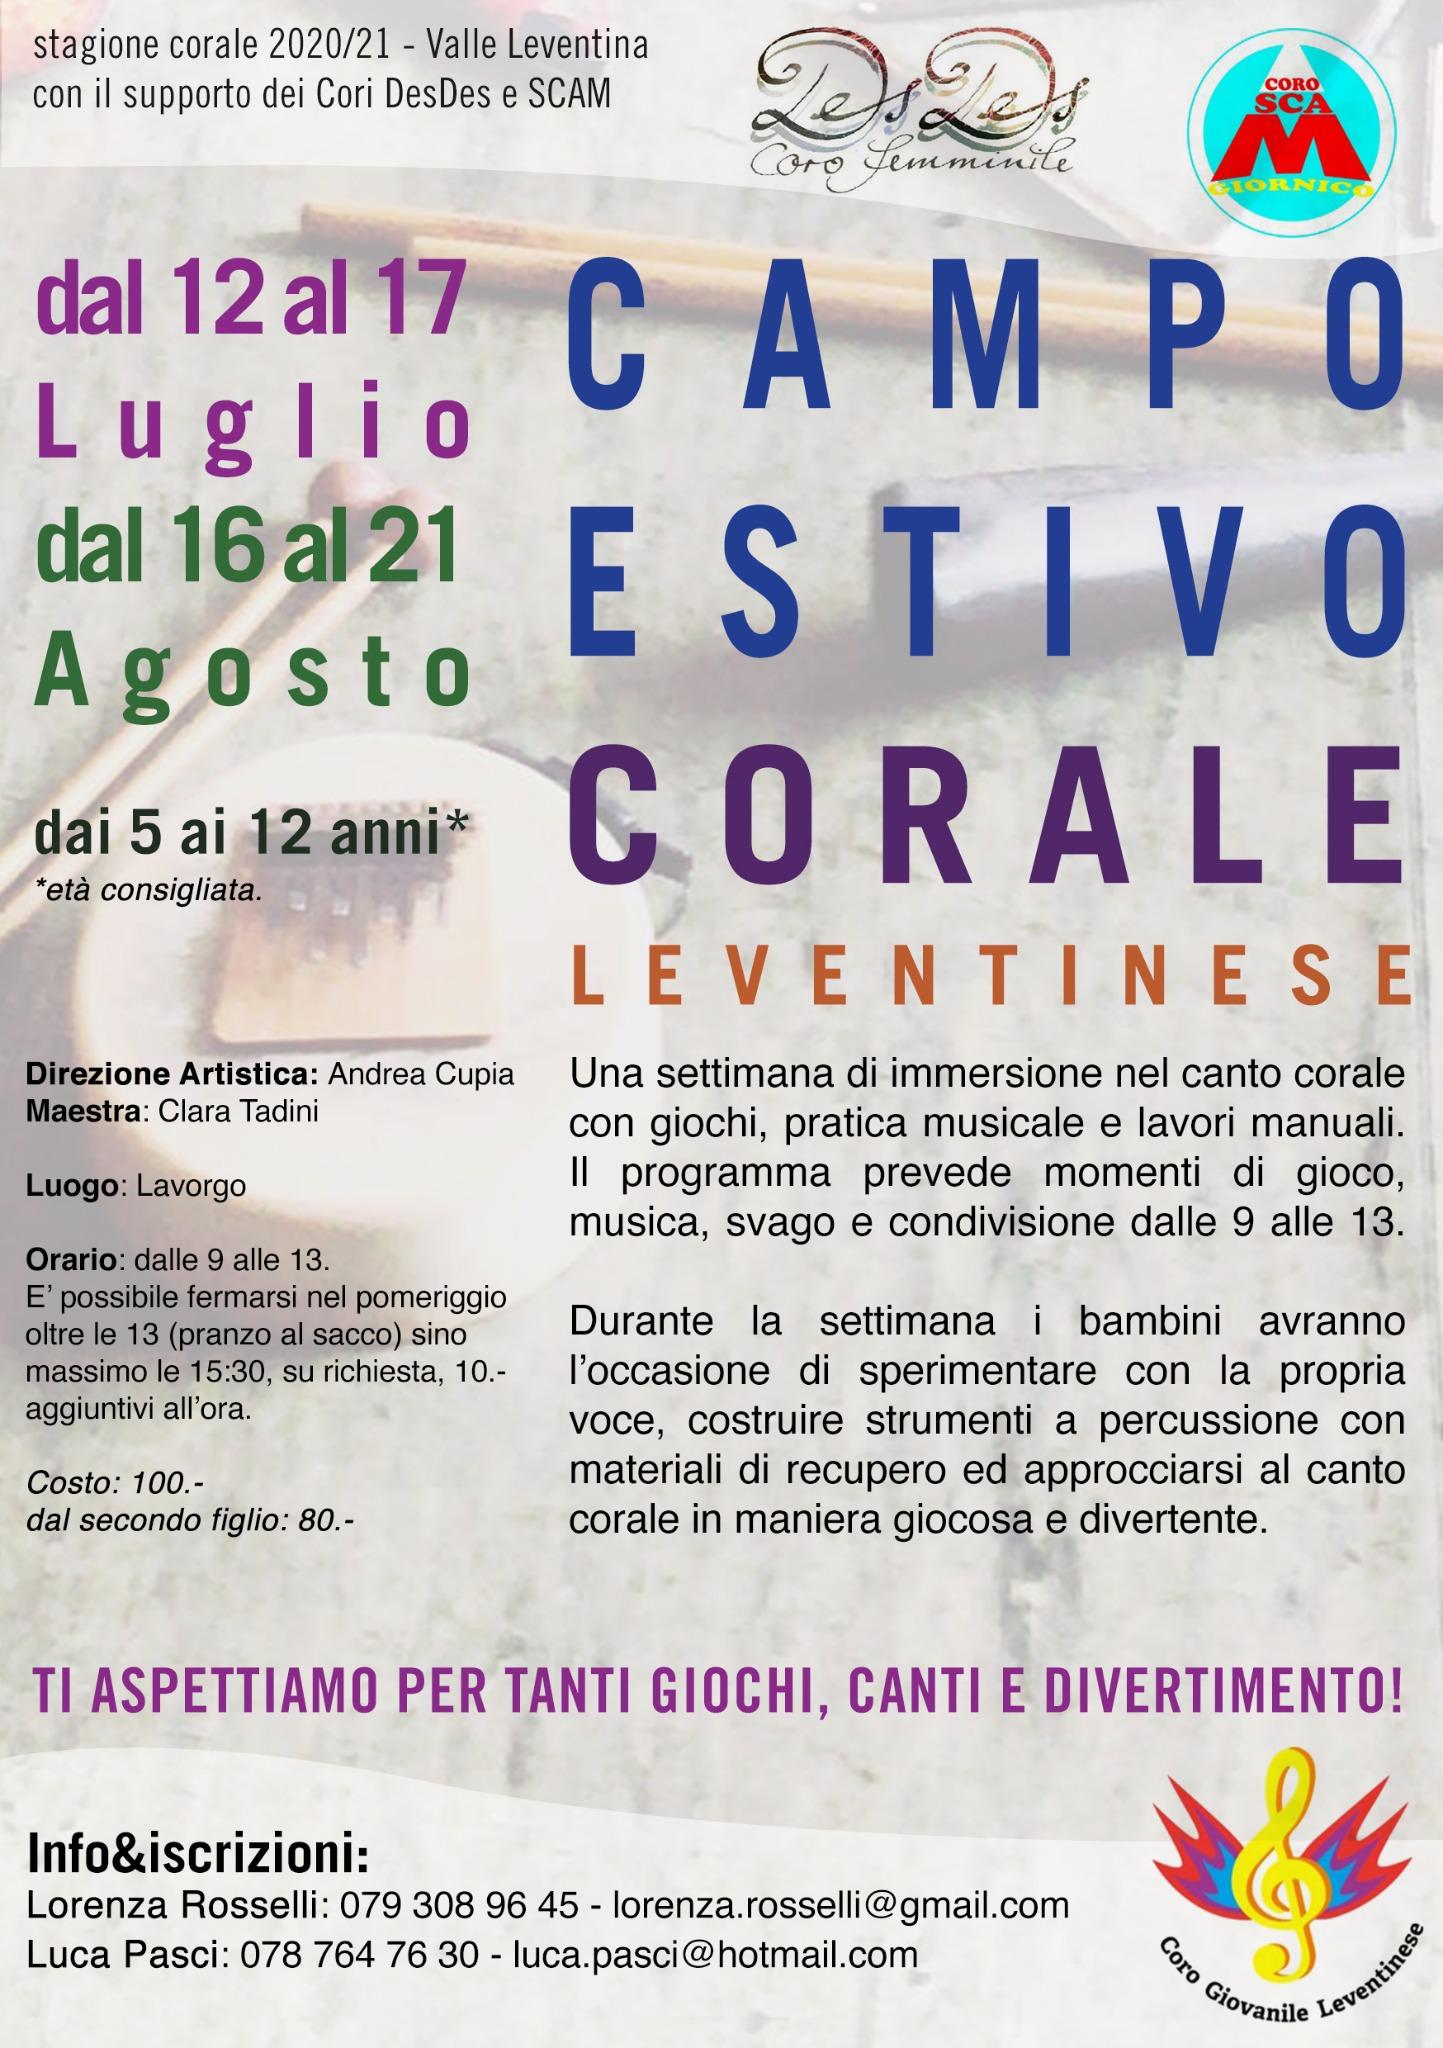 Campo estivo Corale Leventinese